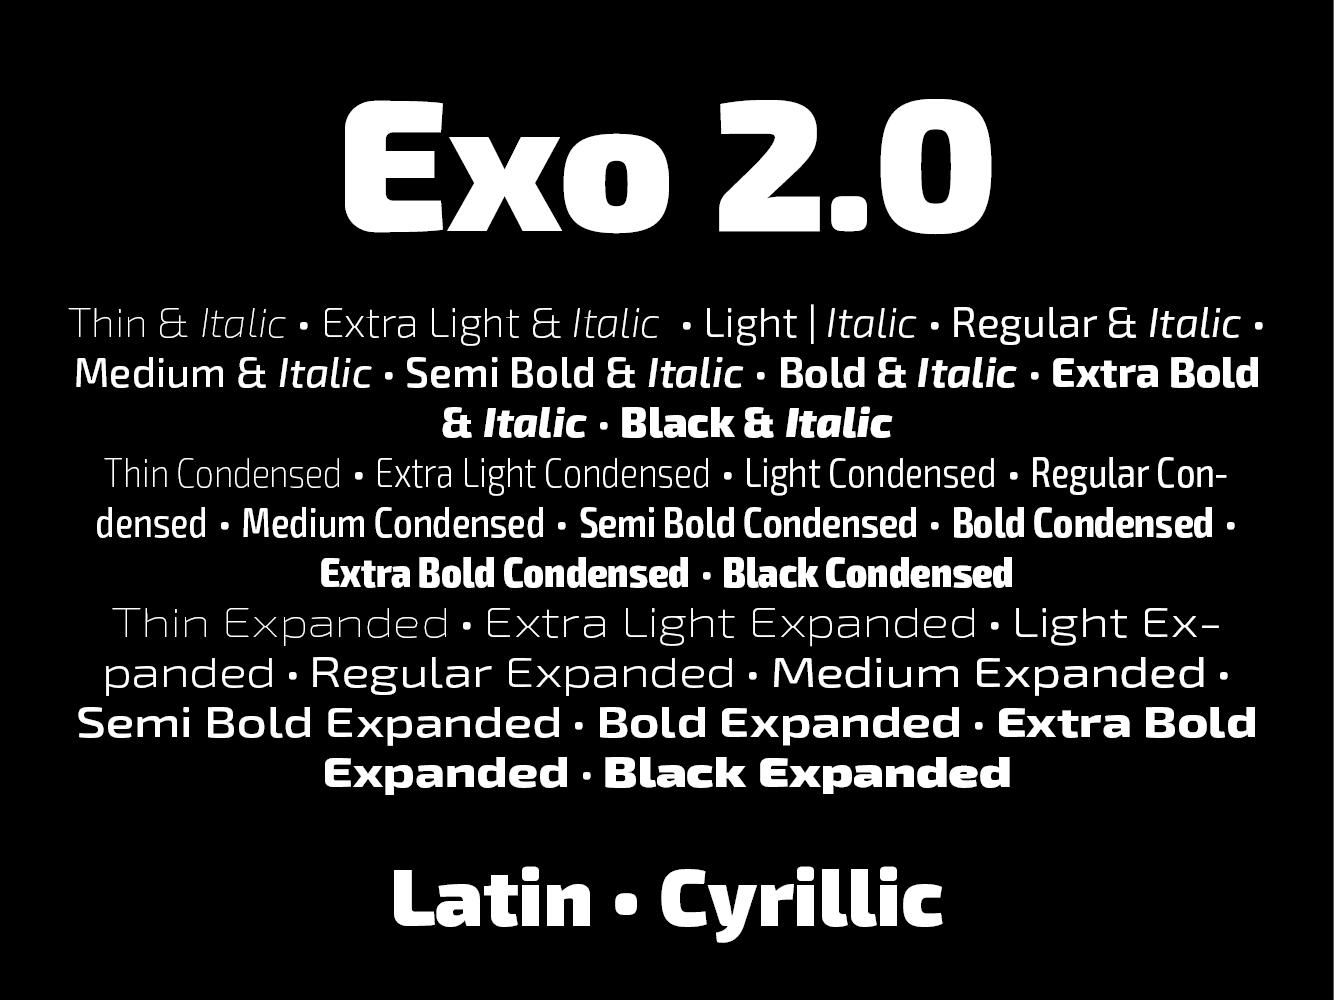 Exo 2.0